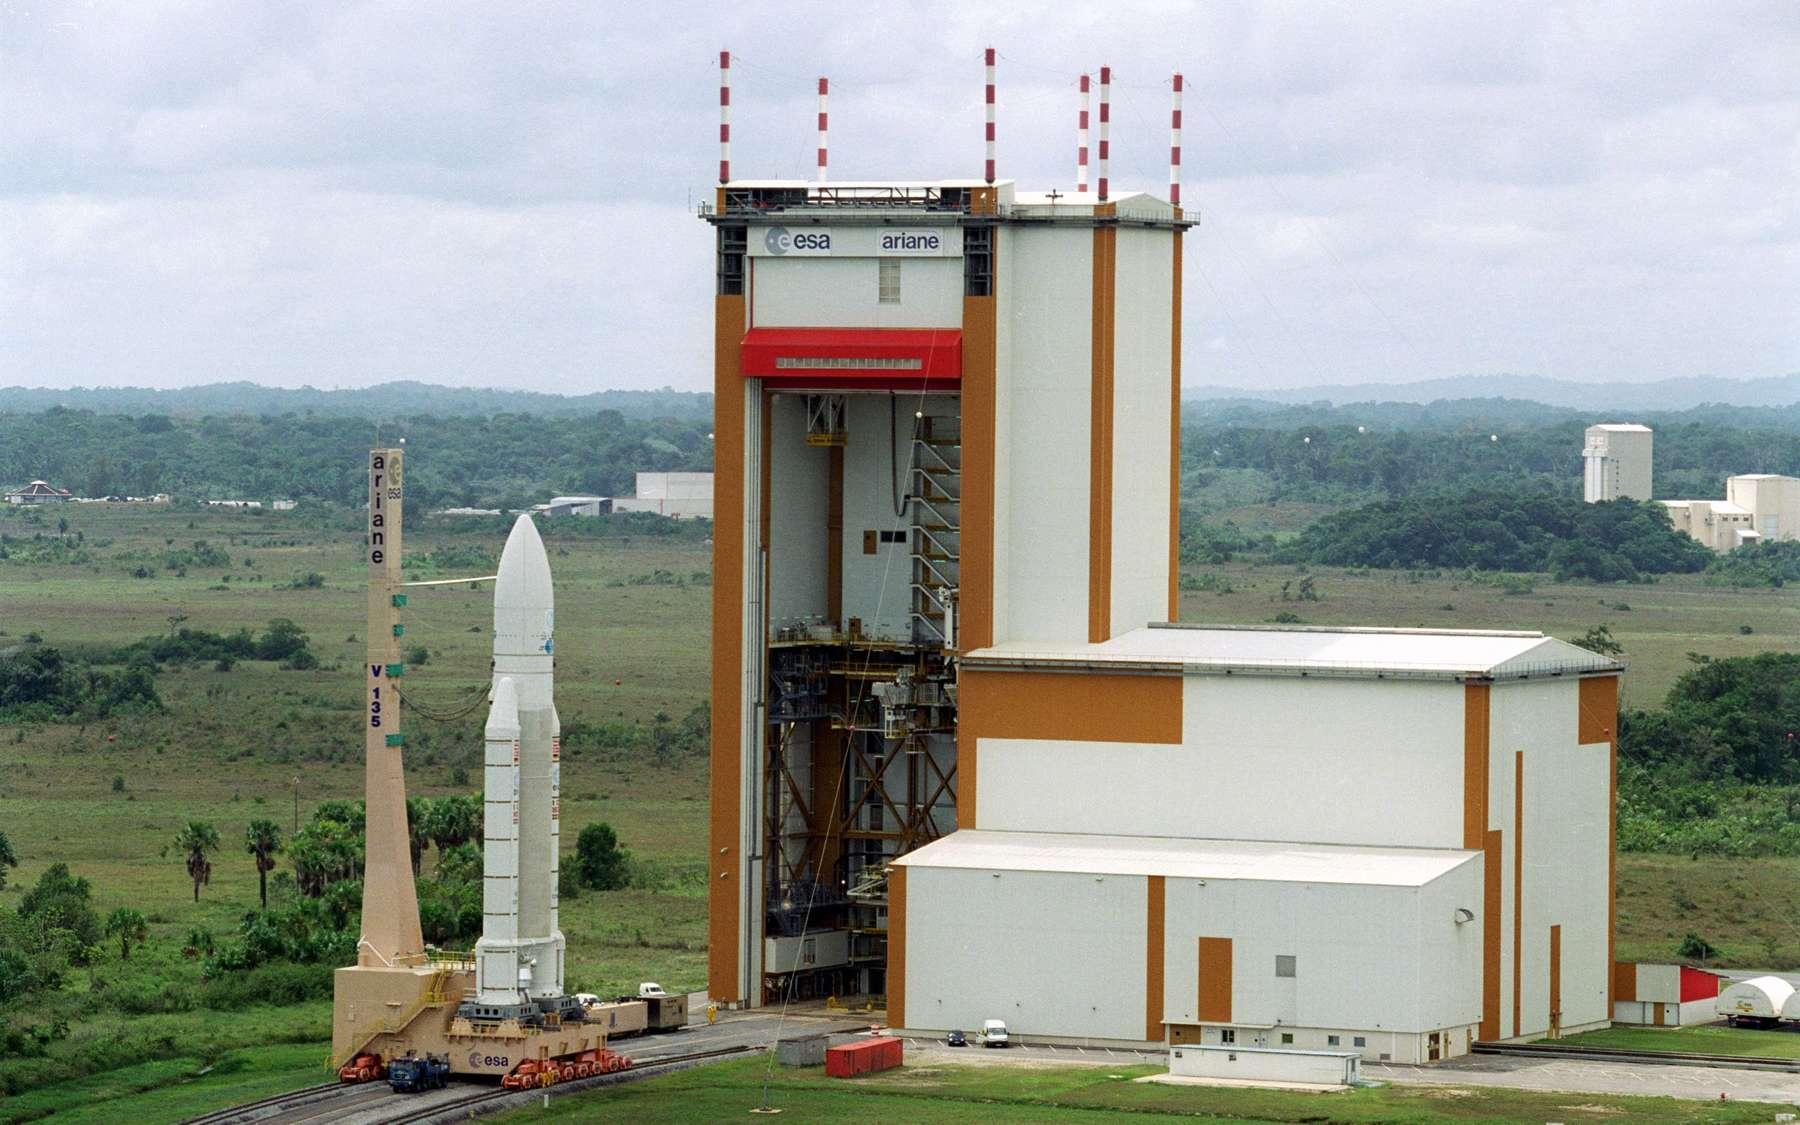 Retour sur le pas de tir pour Ariane 5. A l'image, le lanceur V135 sortant du bâtiment d'assemblage final pour rejoindre ELA-3 (novembre 2000). Crédits Esa /Cnes/Arianespace - S. Corvaja